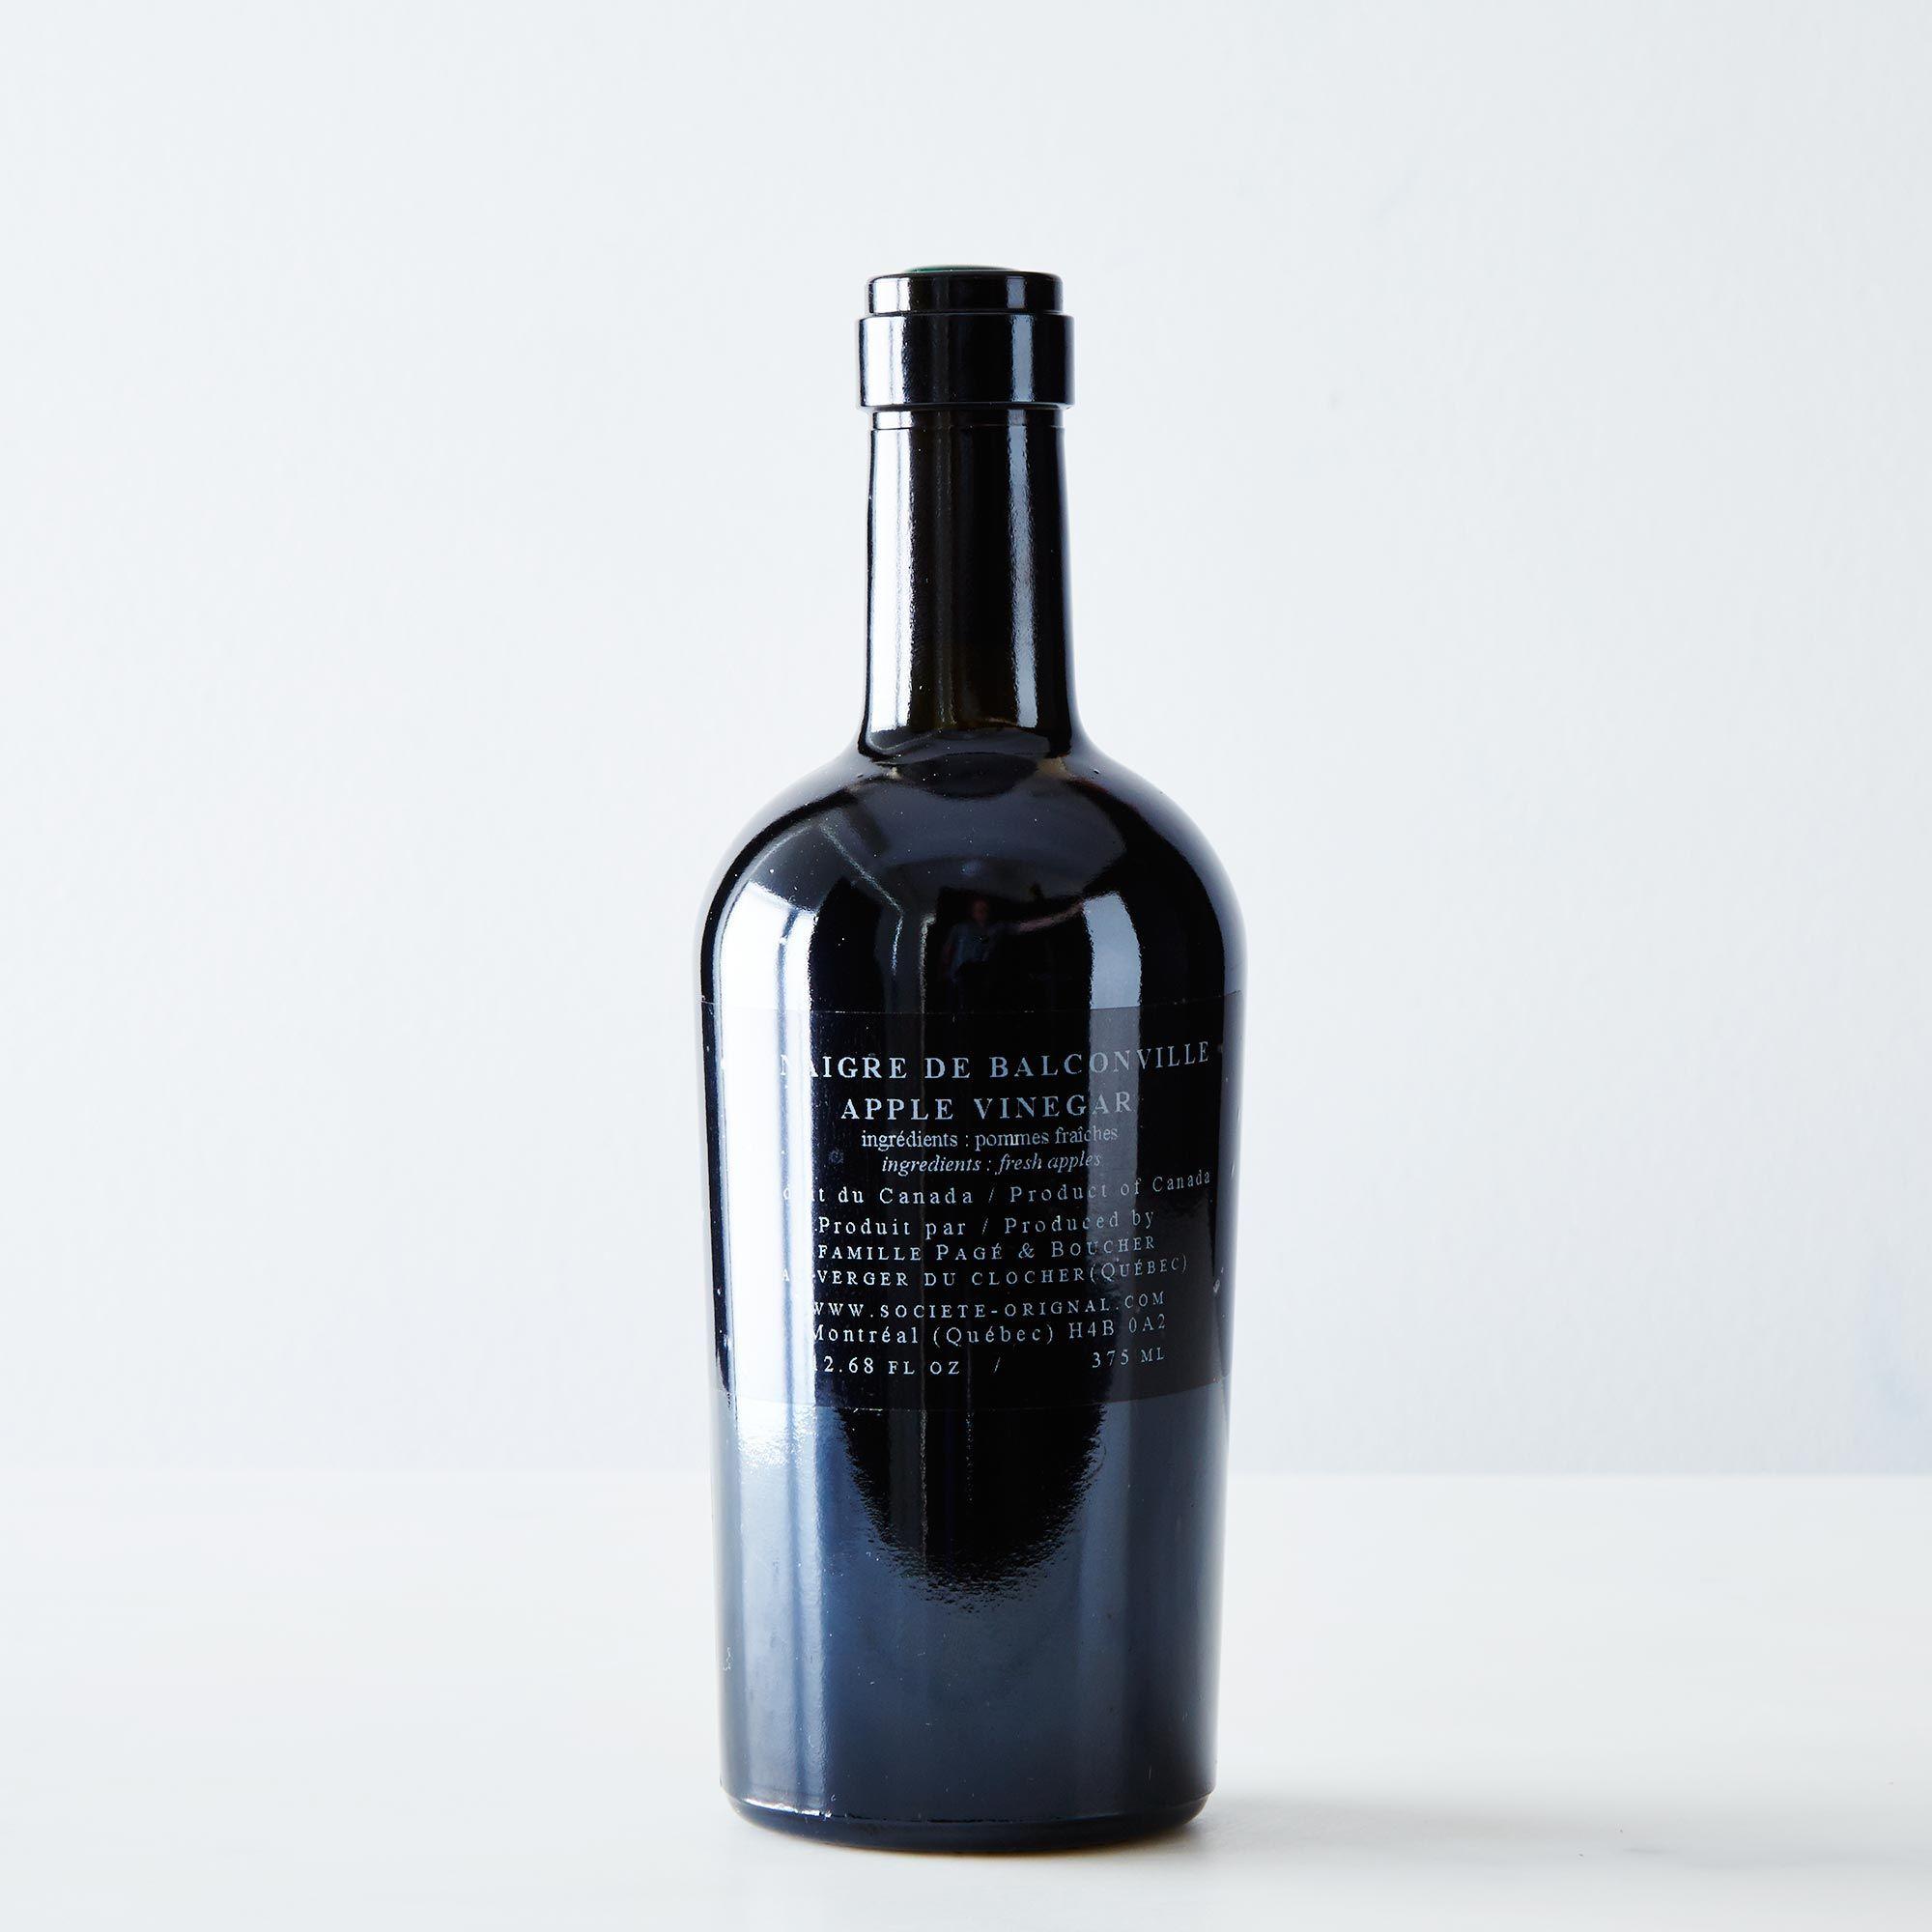 2c136686 a0f6 11e5 a190 0ef7535729df  2014 0512 societe original vinaigre de balconville 375ml silo 011